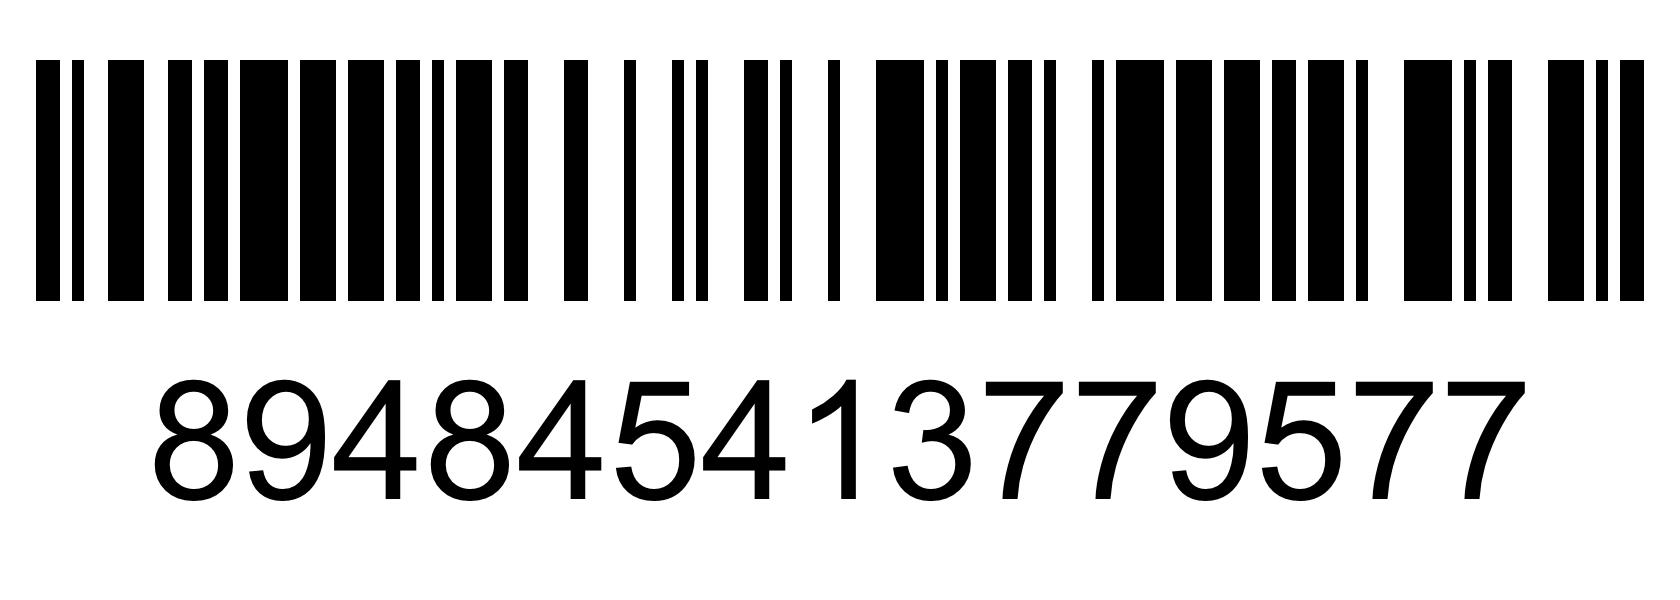 Barcode - 894845413779577